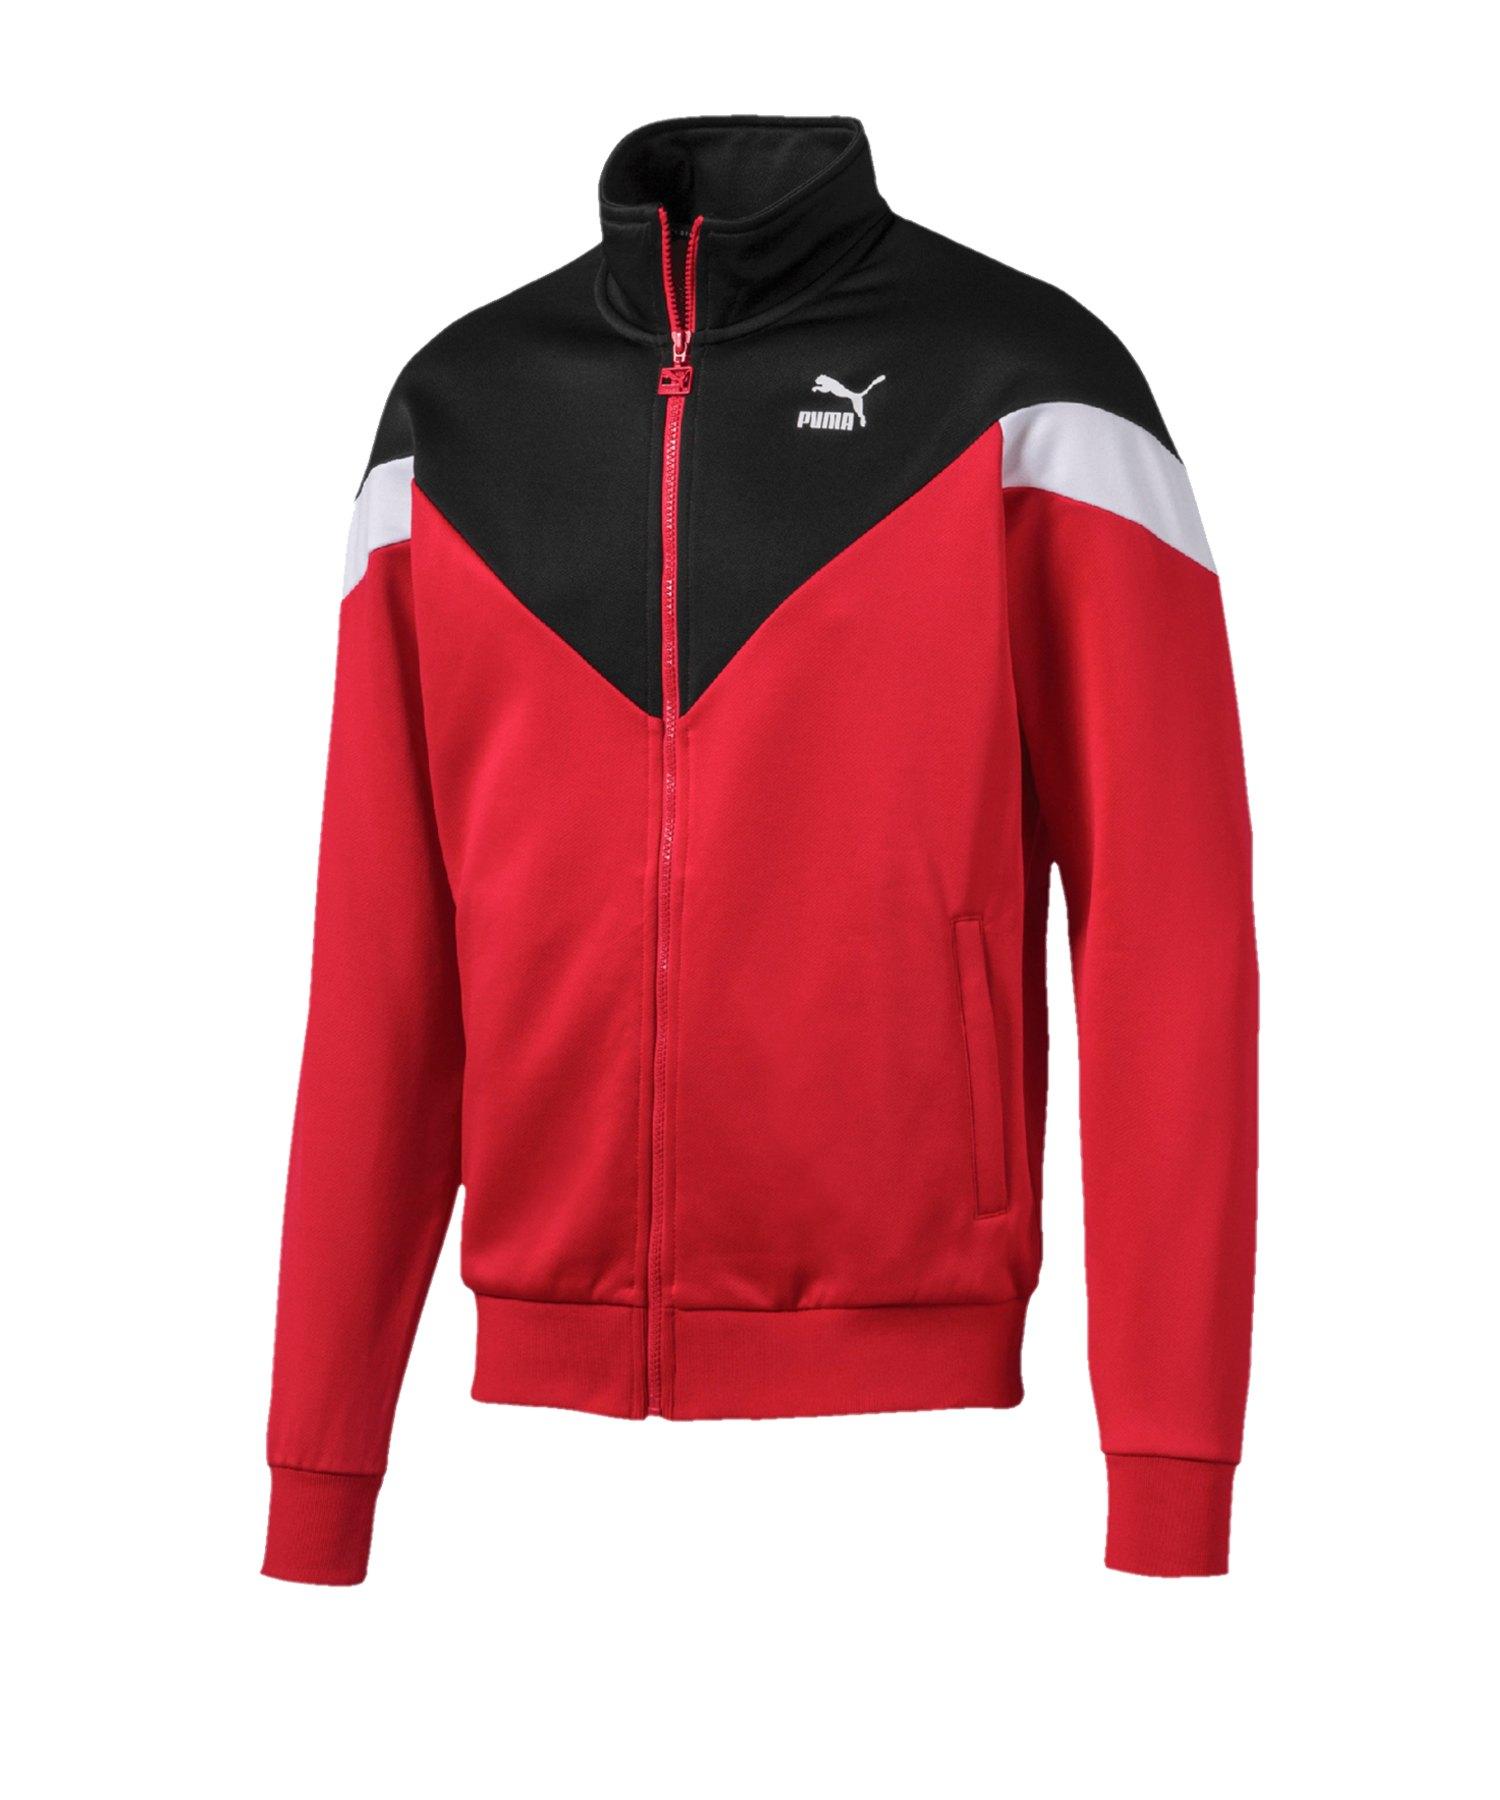 PUMA Iconic MCS Track Jacket Jacke Rot F11 - Rot